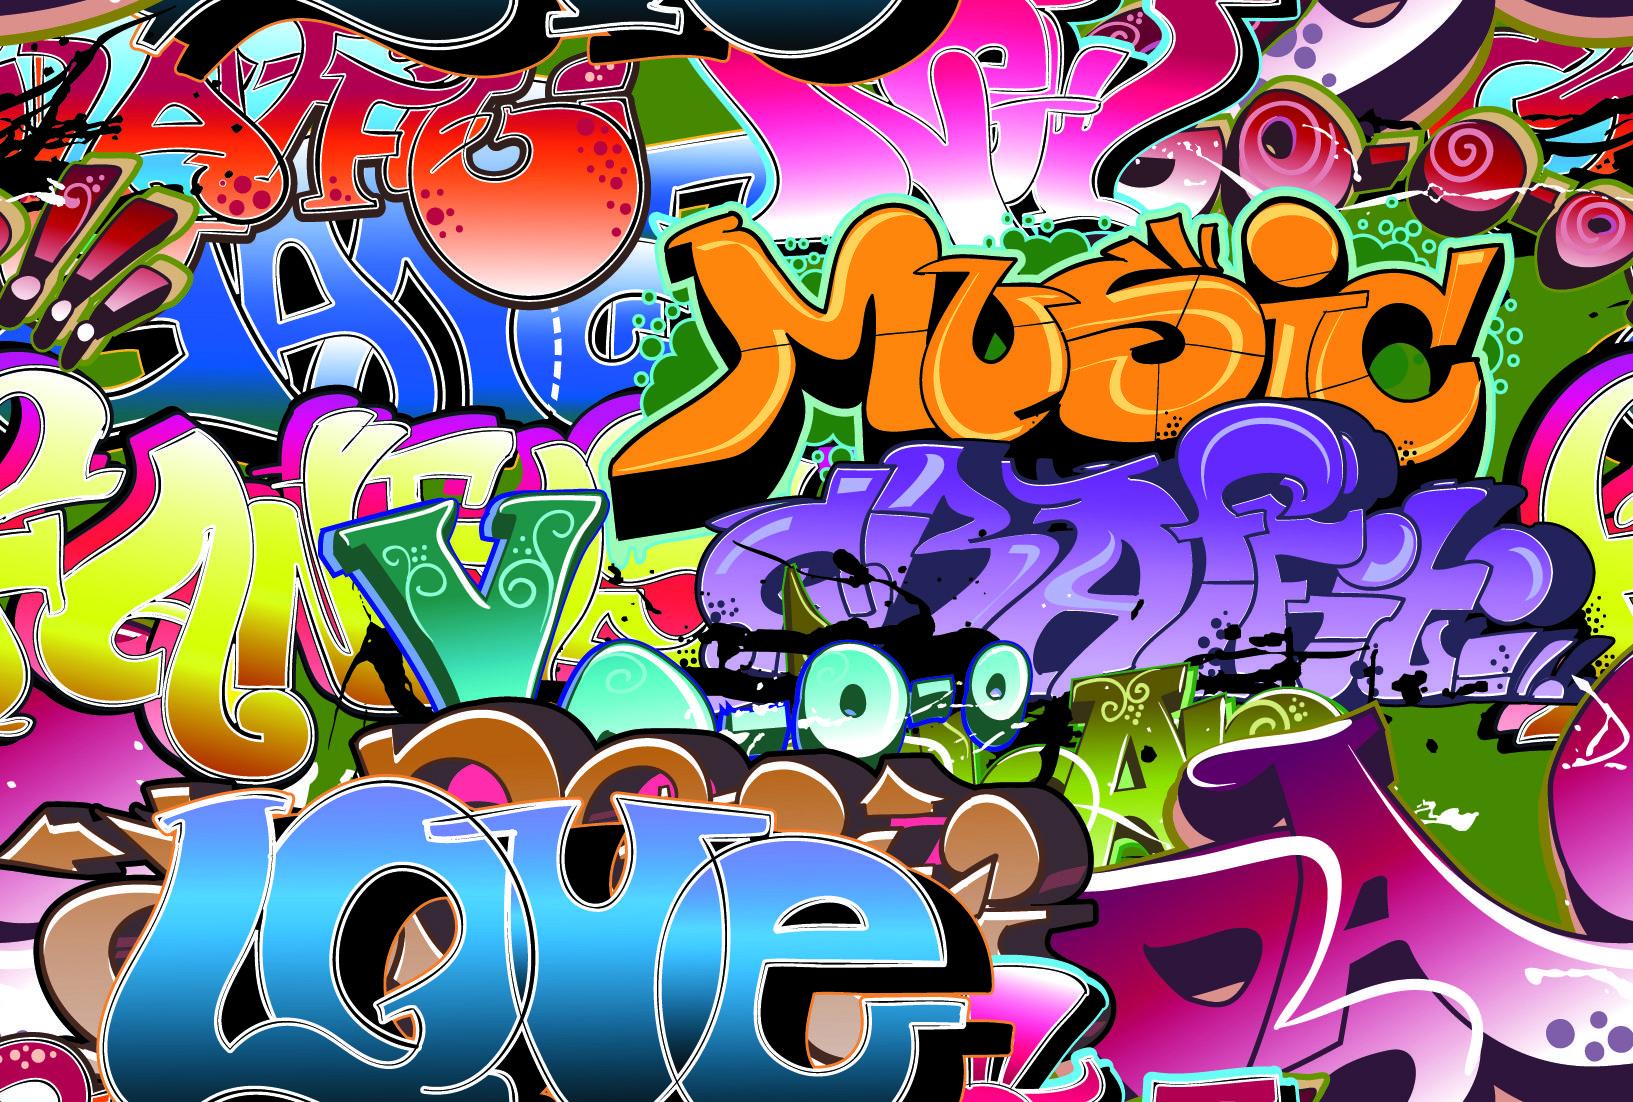 Free vector beautiful graffiti font design 04 vector